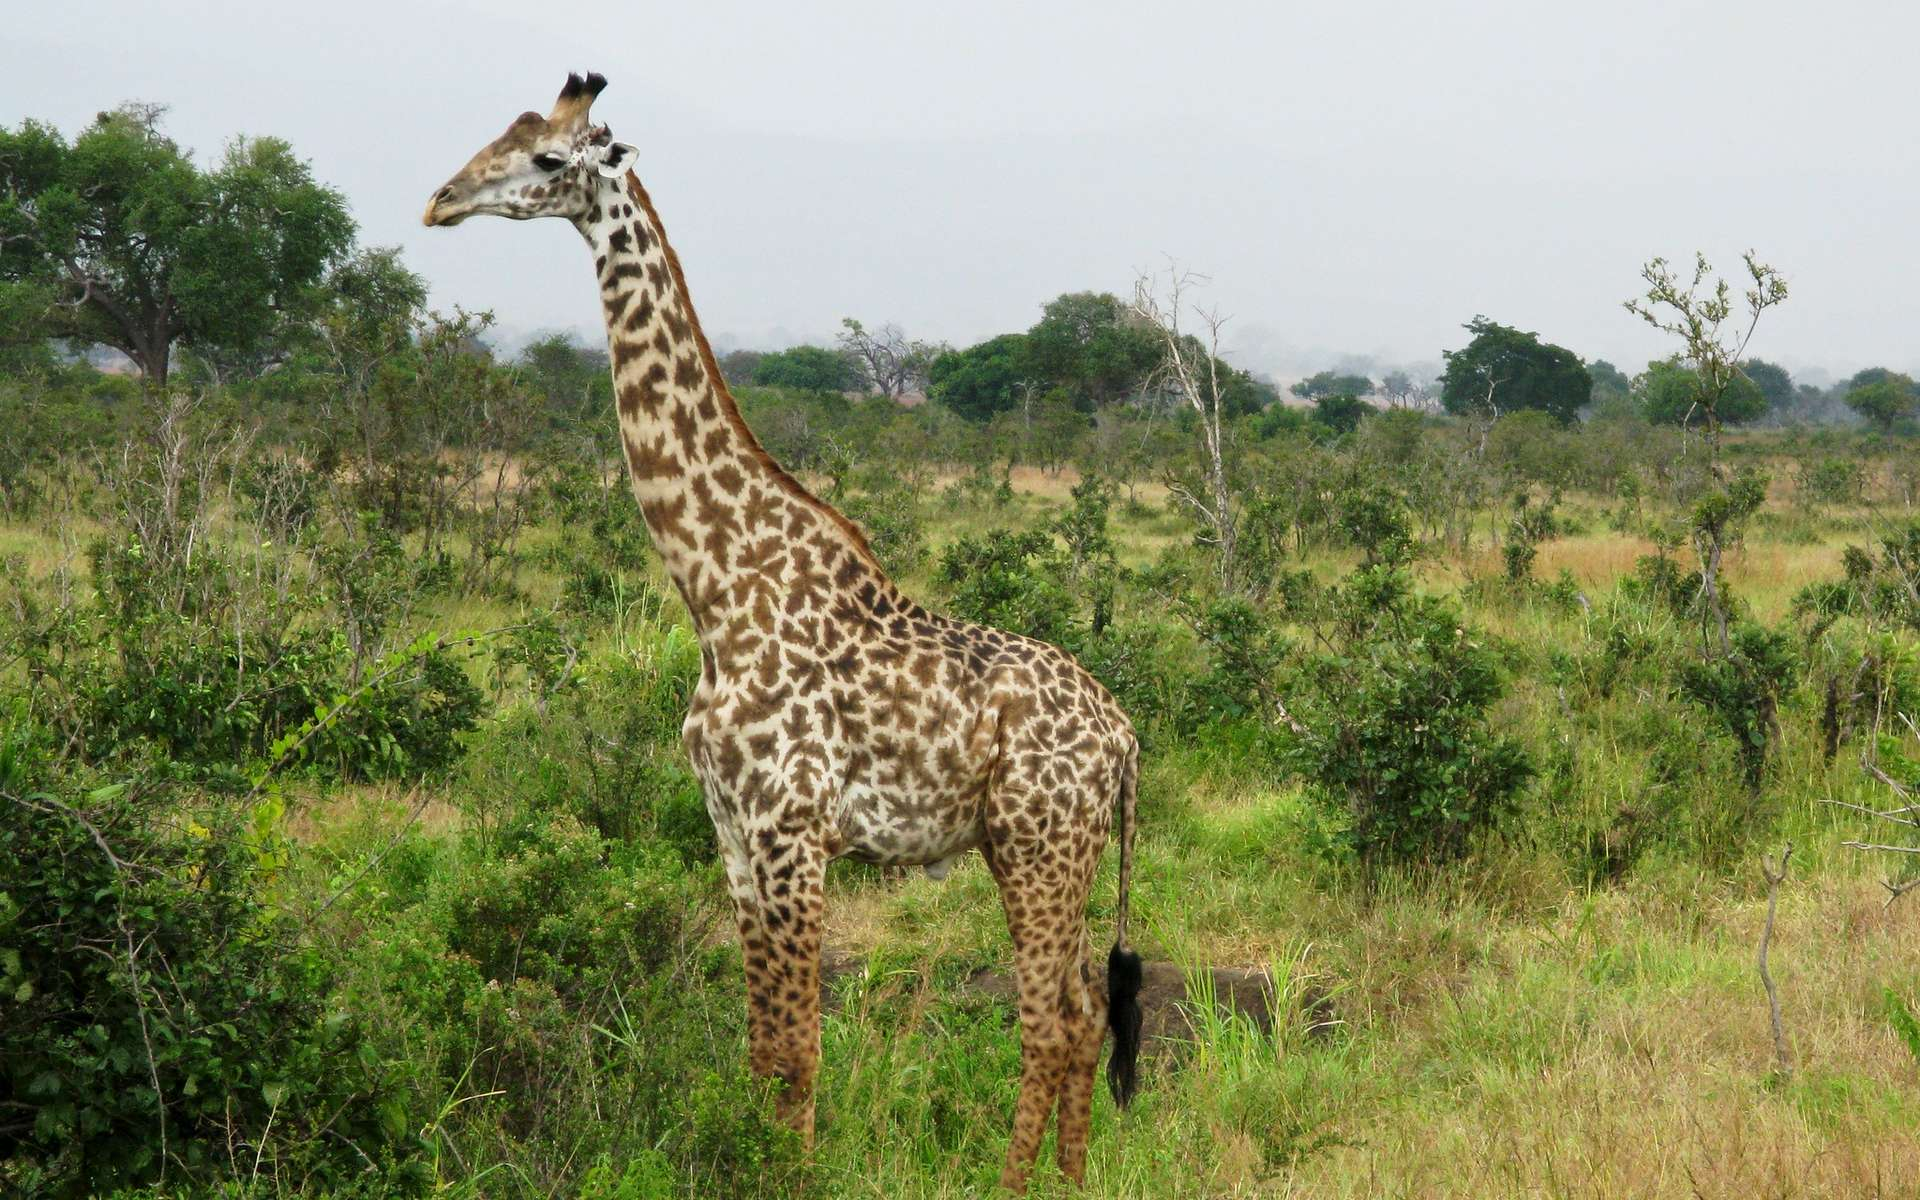 Des girafes atteintes de nanisme observées dans la nature. © David Davies, Flickr